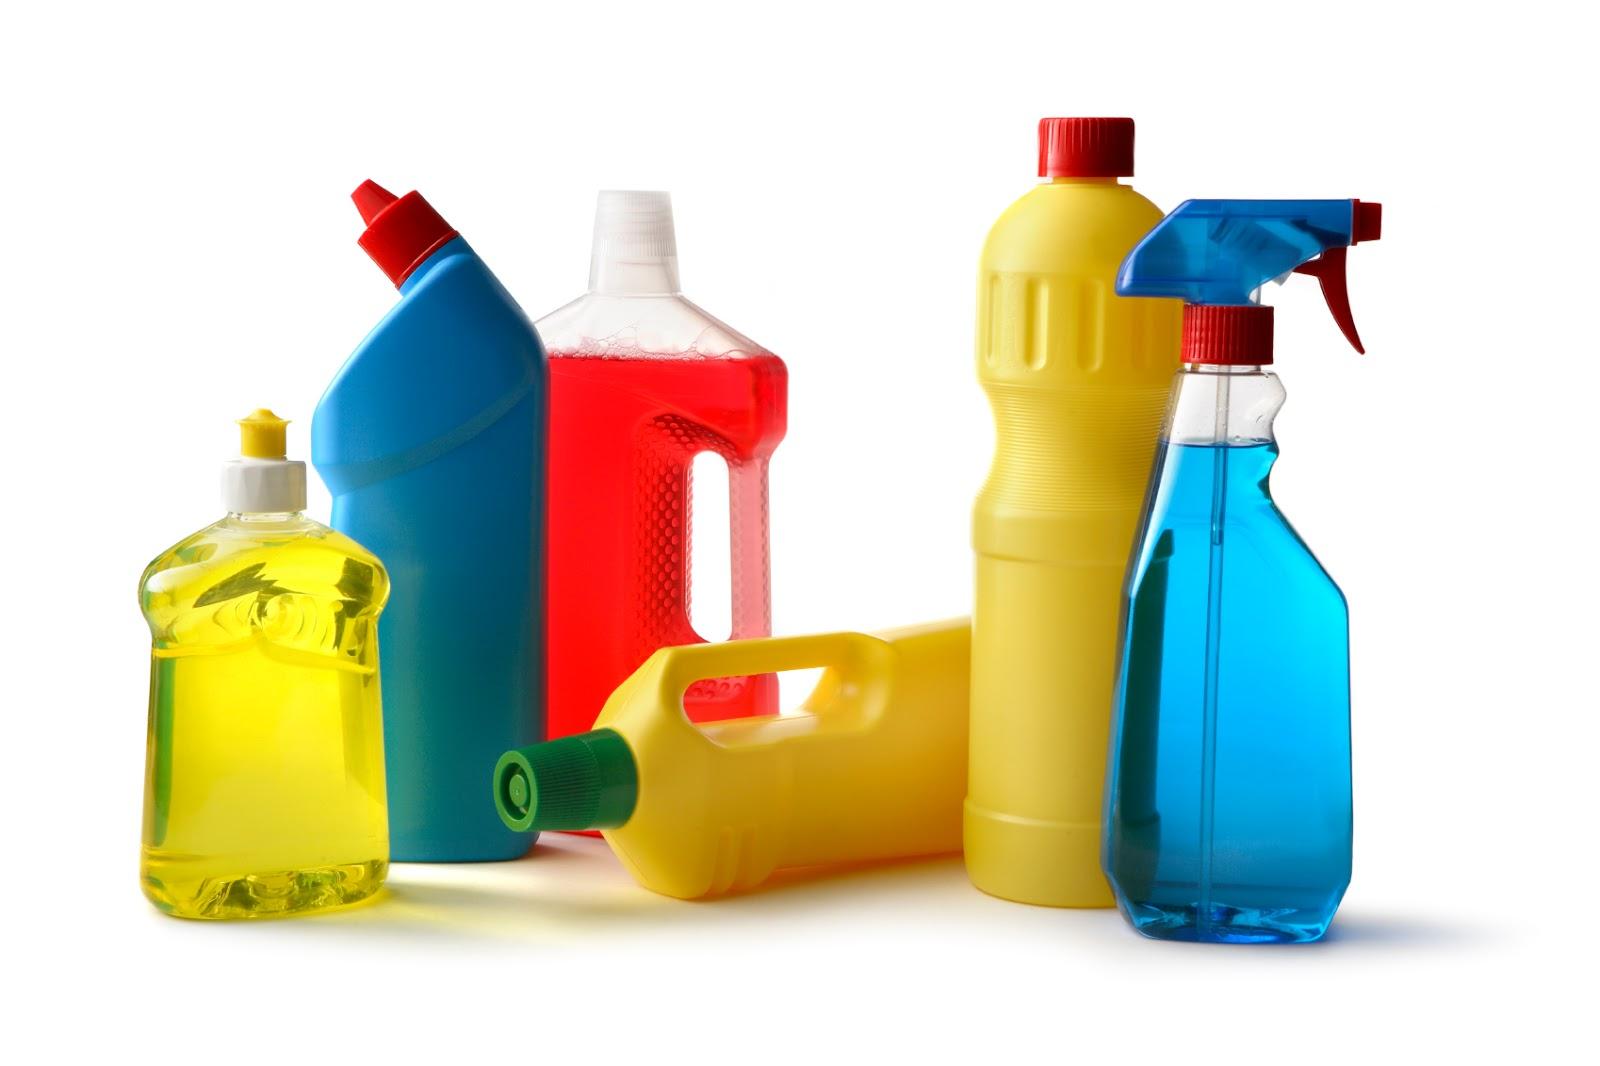 produtos-limpeza